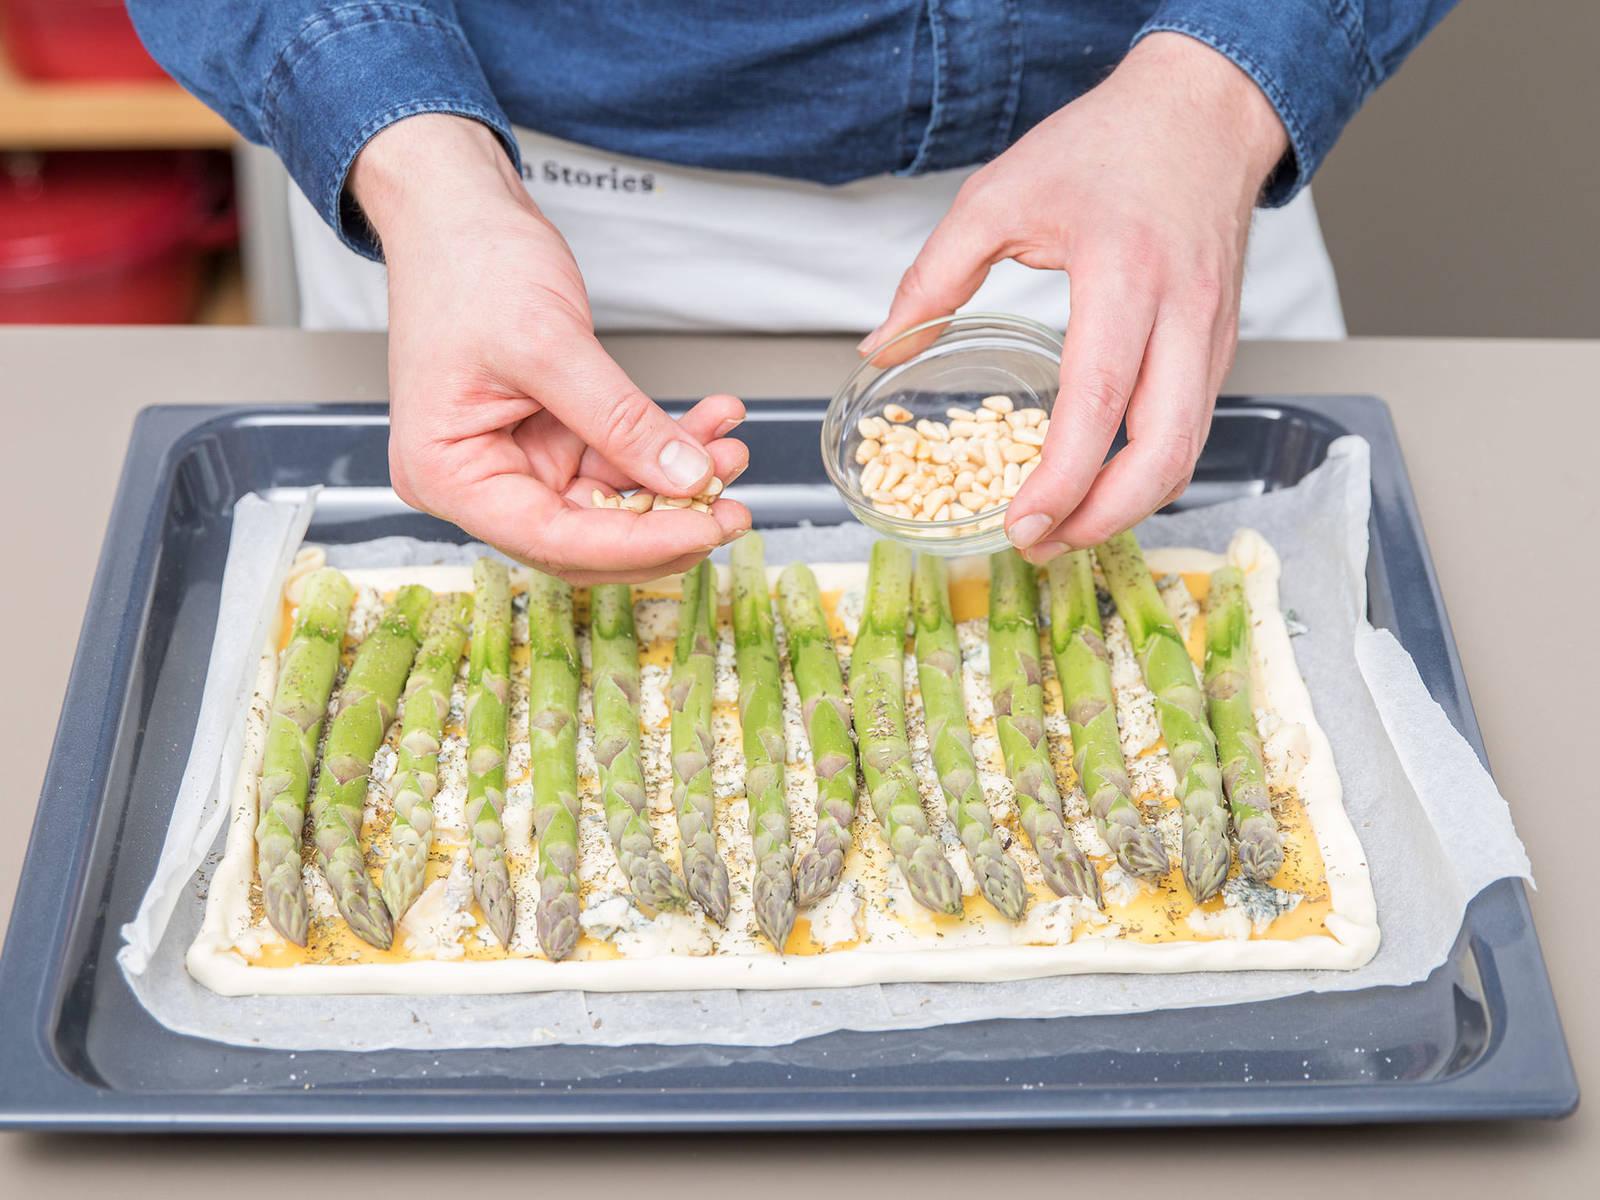 Spargel vorbereiten und Knoblauch hacken. Spargelstangen auf die Eimasse legen. Mit Pinienkernen, Knoblauch, Kräutern, Salz und Pfeffer bestreuen. Bei 180°C etwa 20 Min. goldbraun backen.